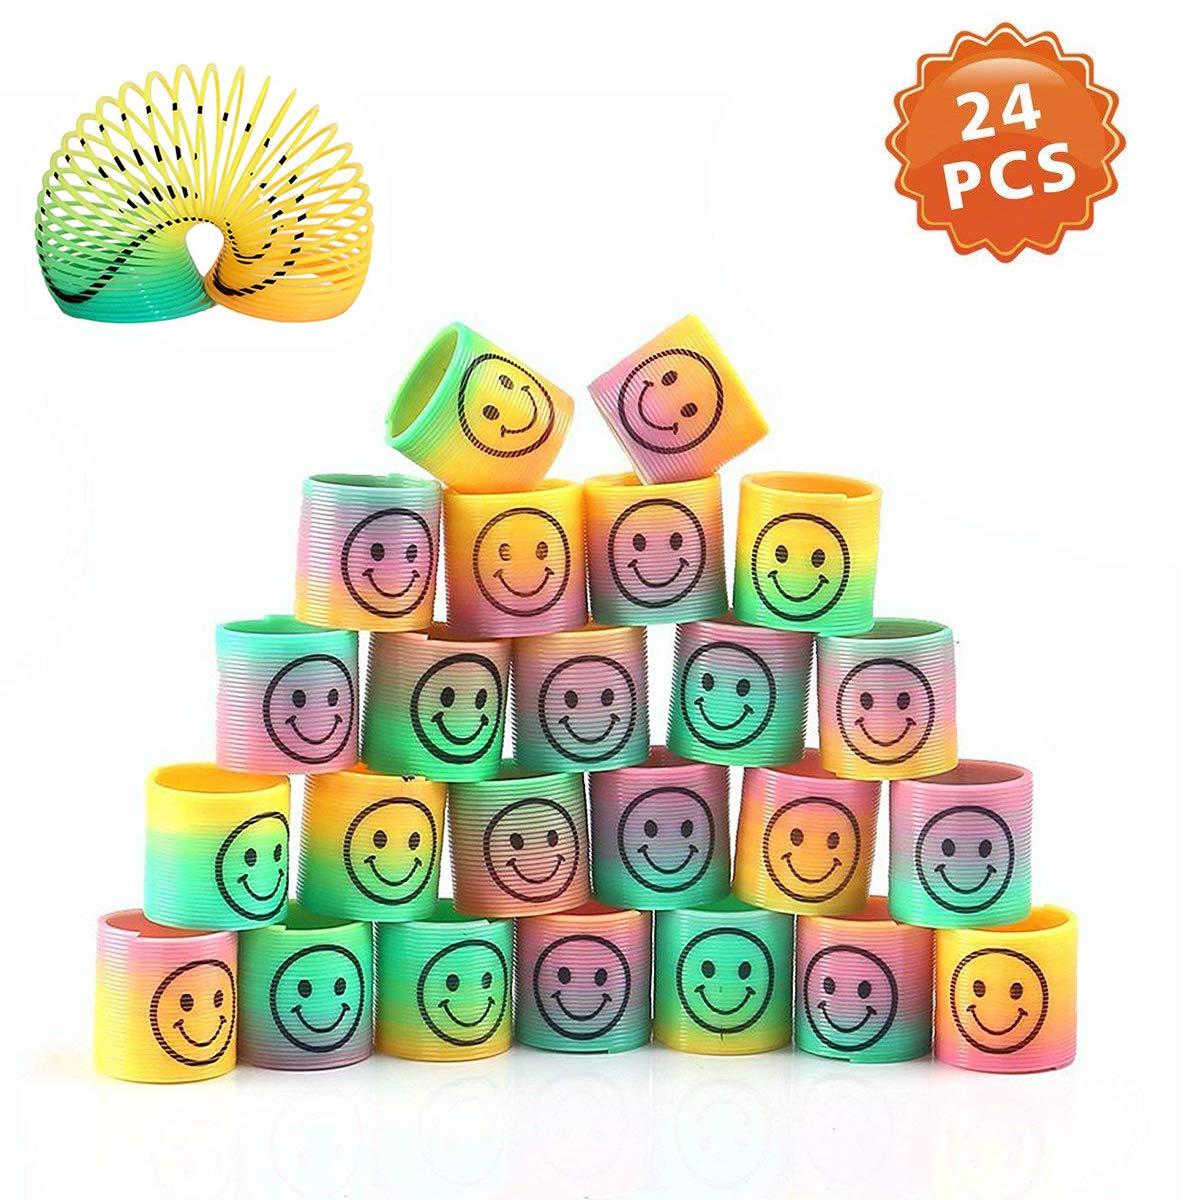 Herefun 24 Pièces Mini Jouets de Printemps en Plastique Arc-en-Ciel Jouets Ressorts Magiques pour Amusement et Fournitures de Fête, Coloré